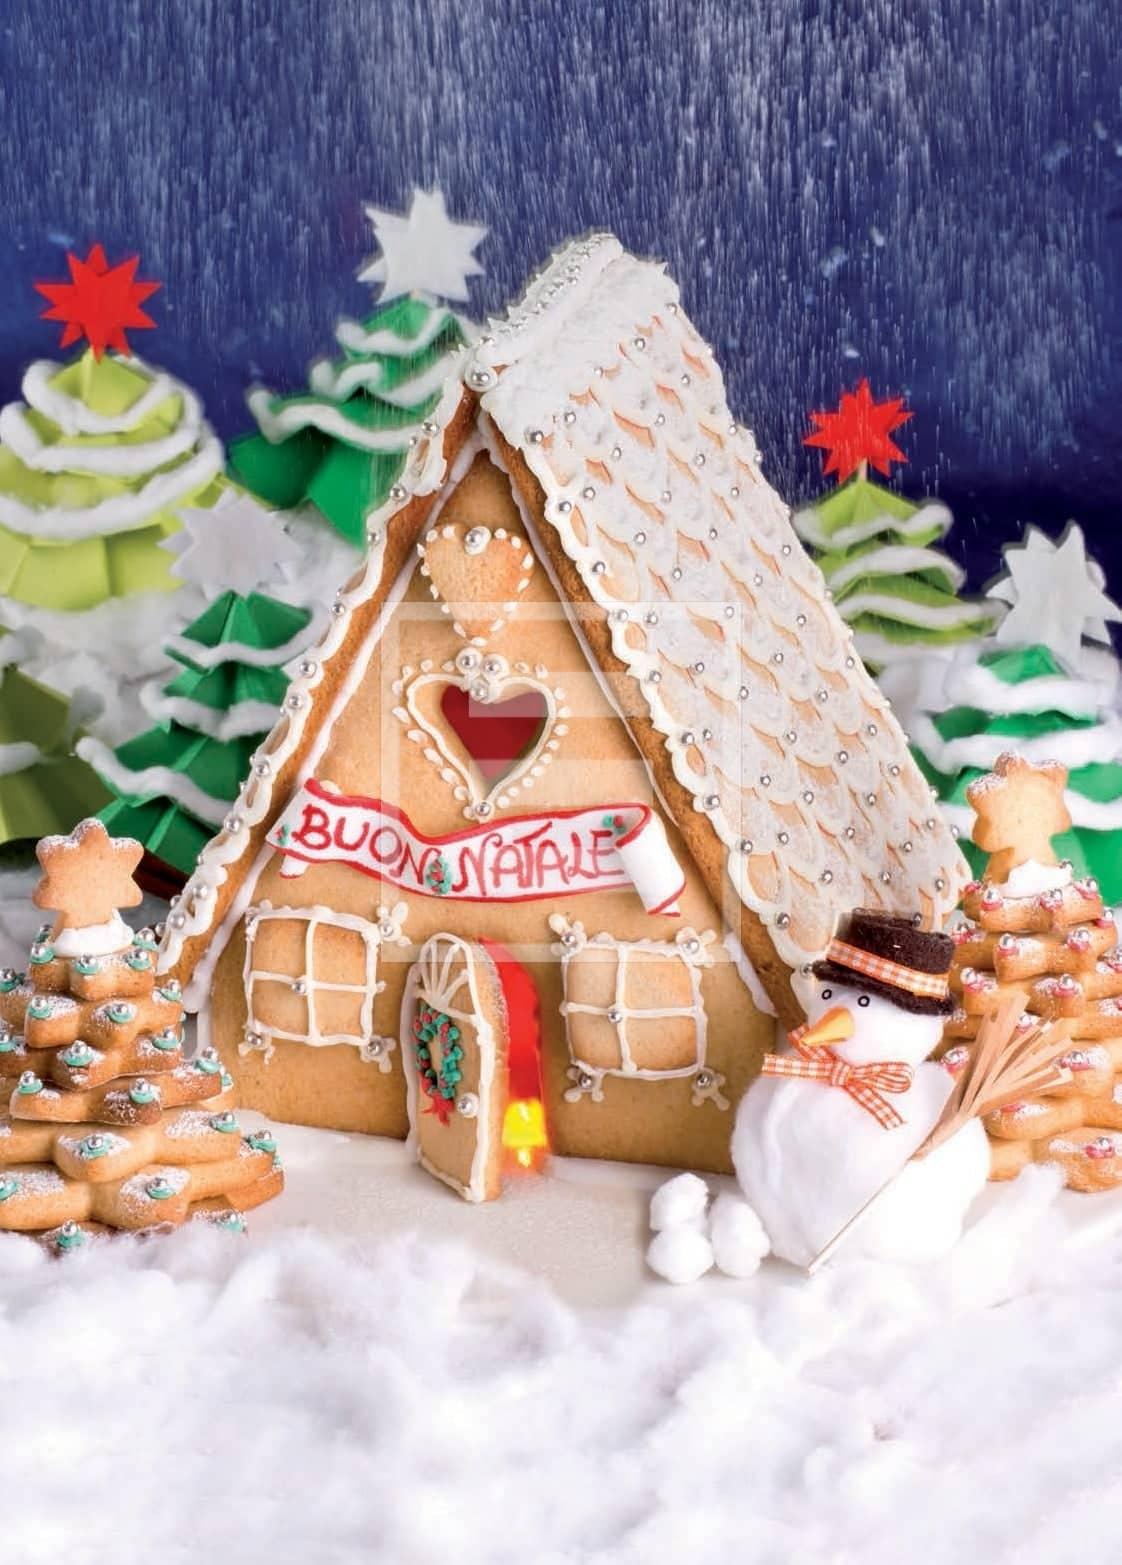 Le festività di Natale sono anche dedicate ai piccoli di casa  ecco ricette e  decorazioni da realizzare in compagnia dei bambini! b608f1e6157c